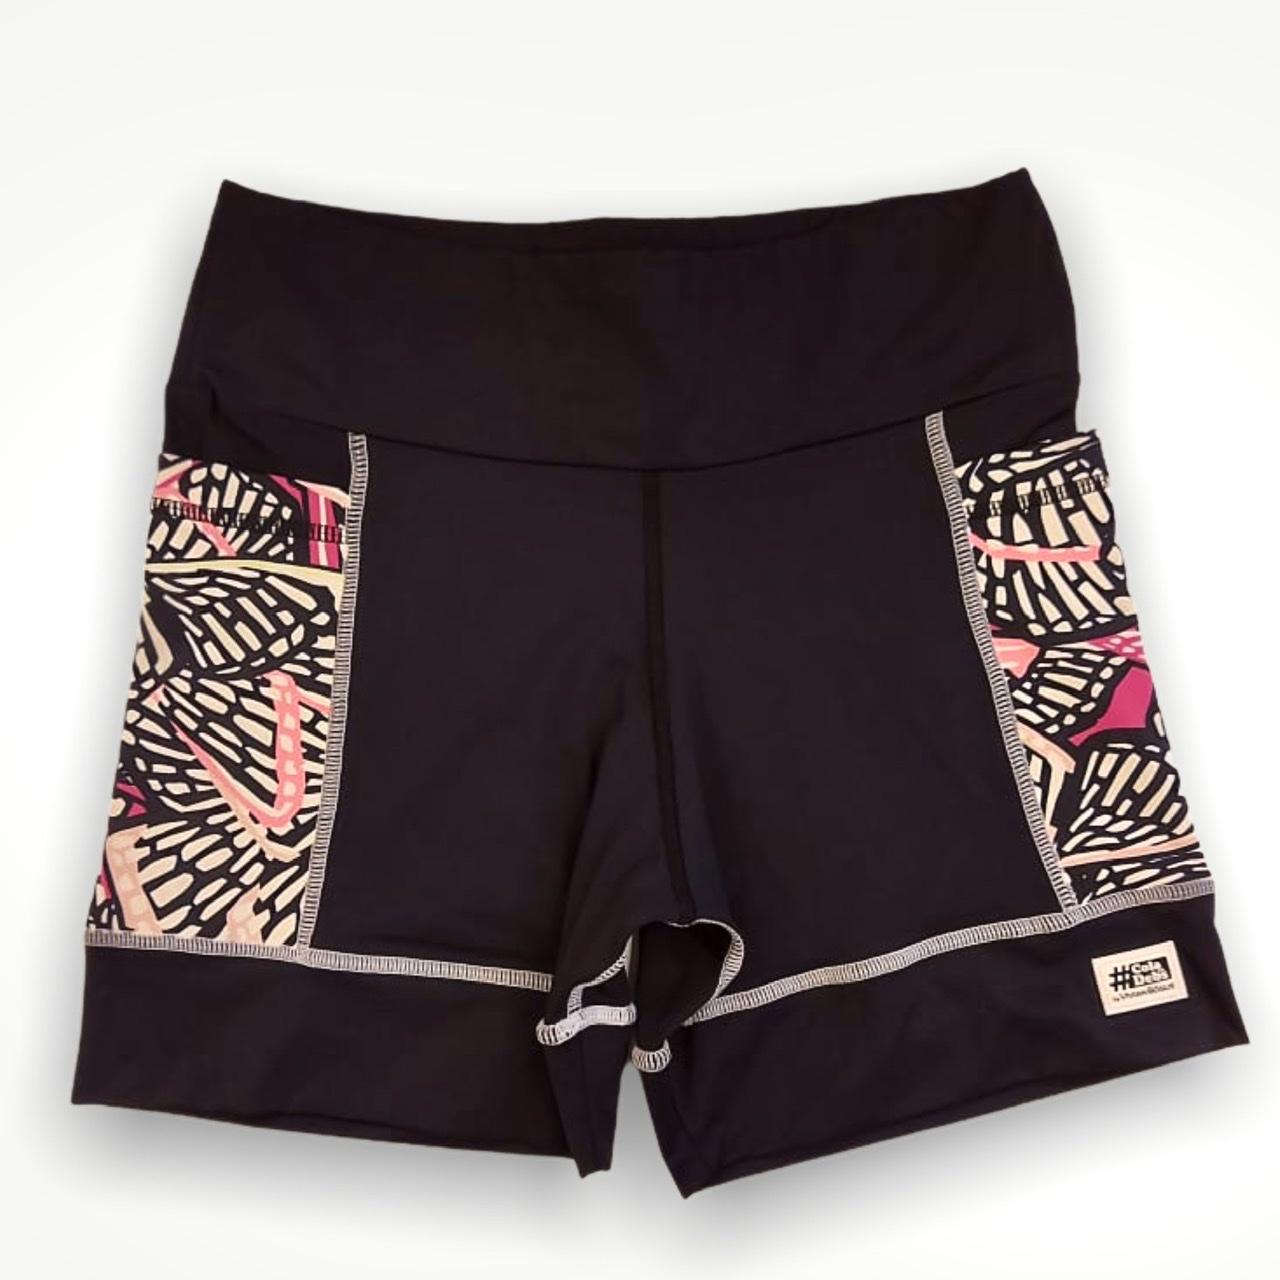 Shorts de compressão Square em bodytex preto com bolsos laterais estampa borboletas  - Vivian Bógus